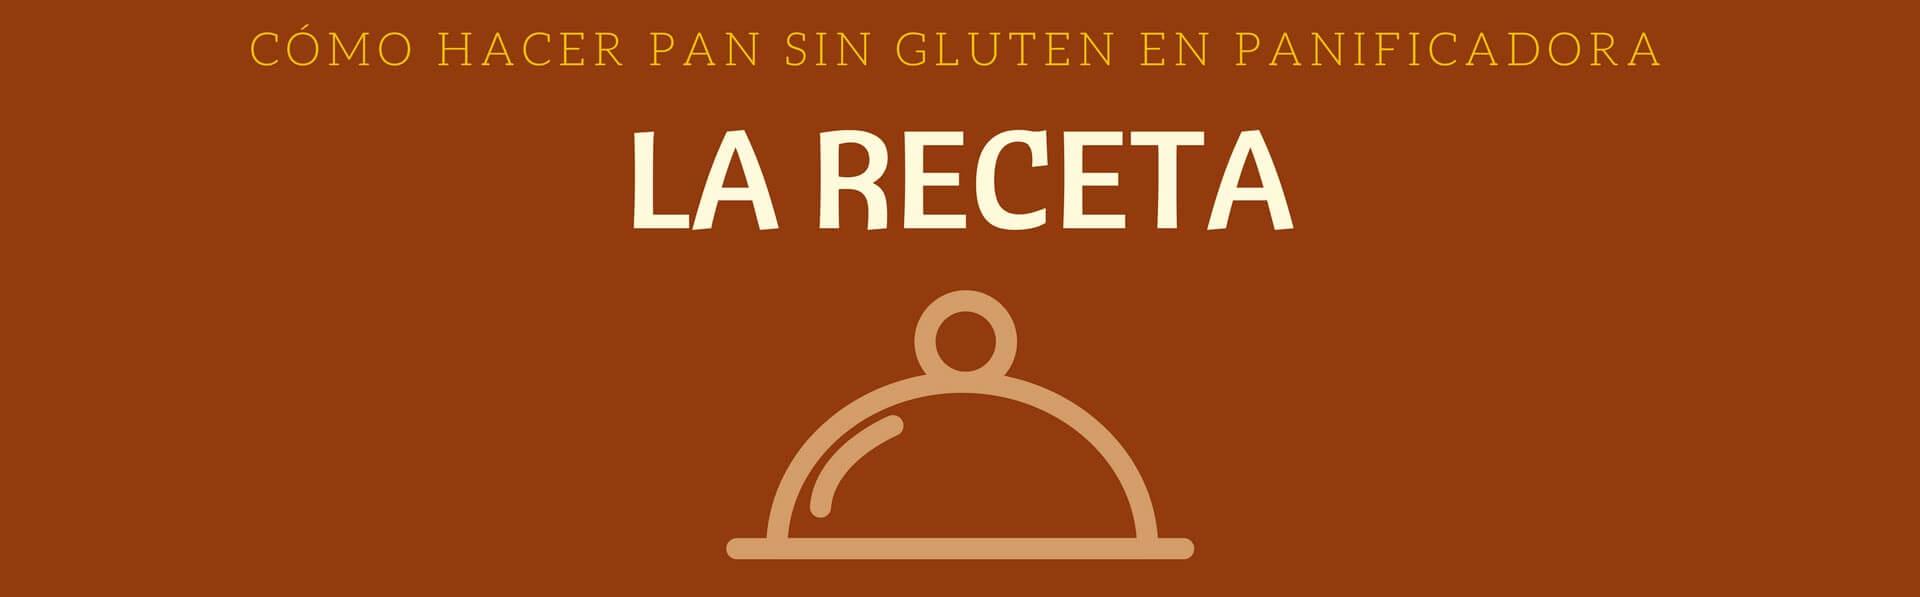 La Receta de cómo hacer pan sin gluten en panificadora